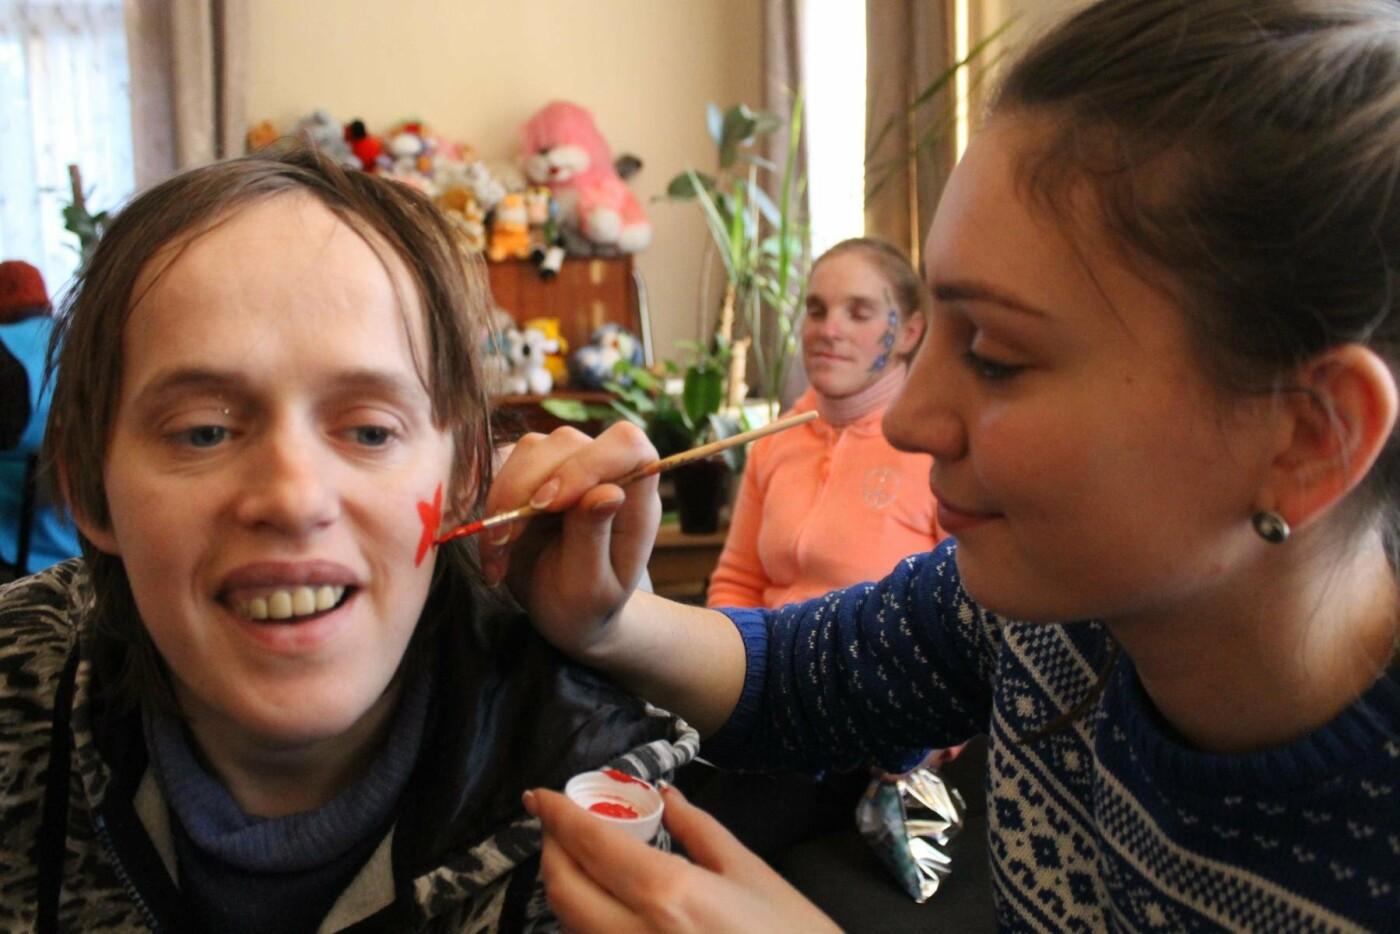 Франківський Карітас організував свято для вихованців Коломийського дитячого будинку-інтернату. ФОТО, фото-1